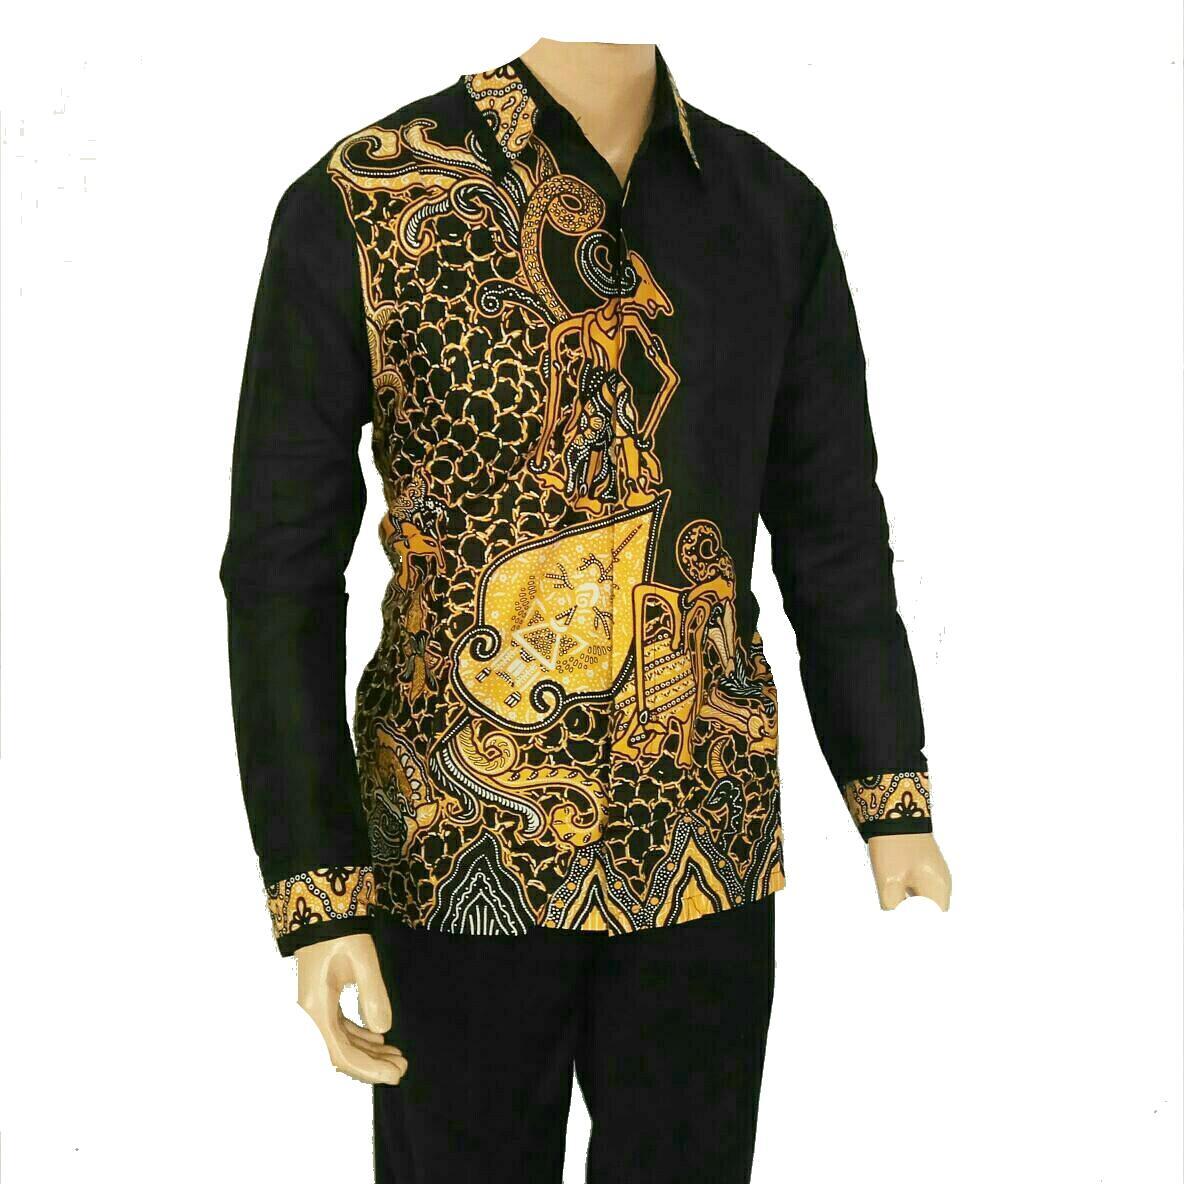 Jual Baju Batik Pria Baju Batik Modern Lengan Panjang Kemeja Batik Pria Lengan Panjang Pekalongan Hem Batik Motif Teratai